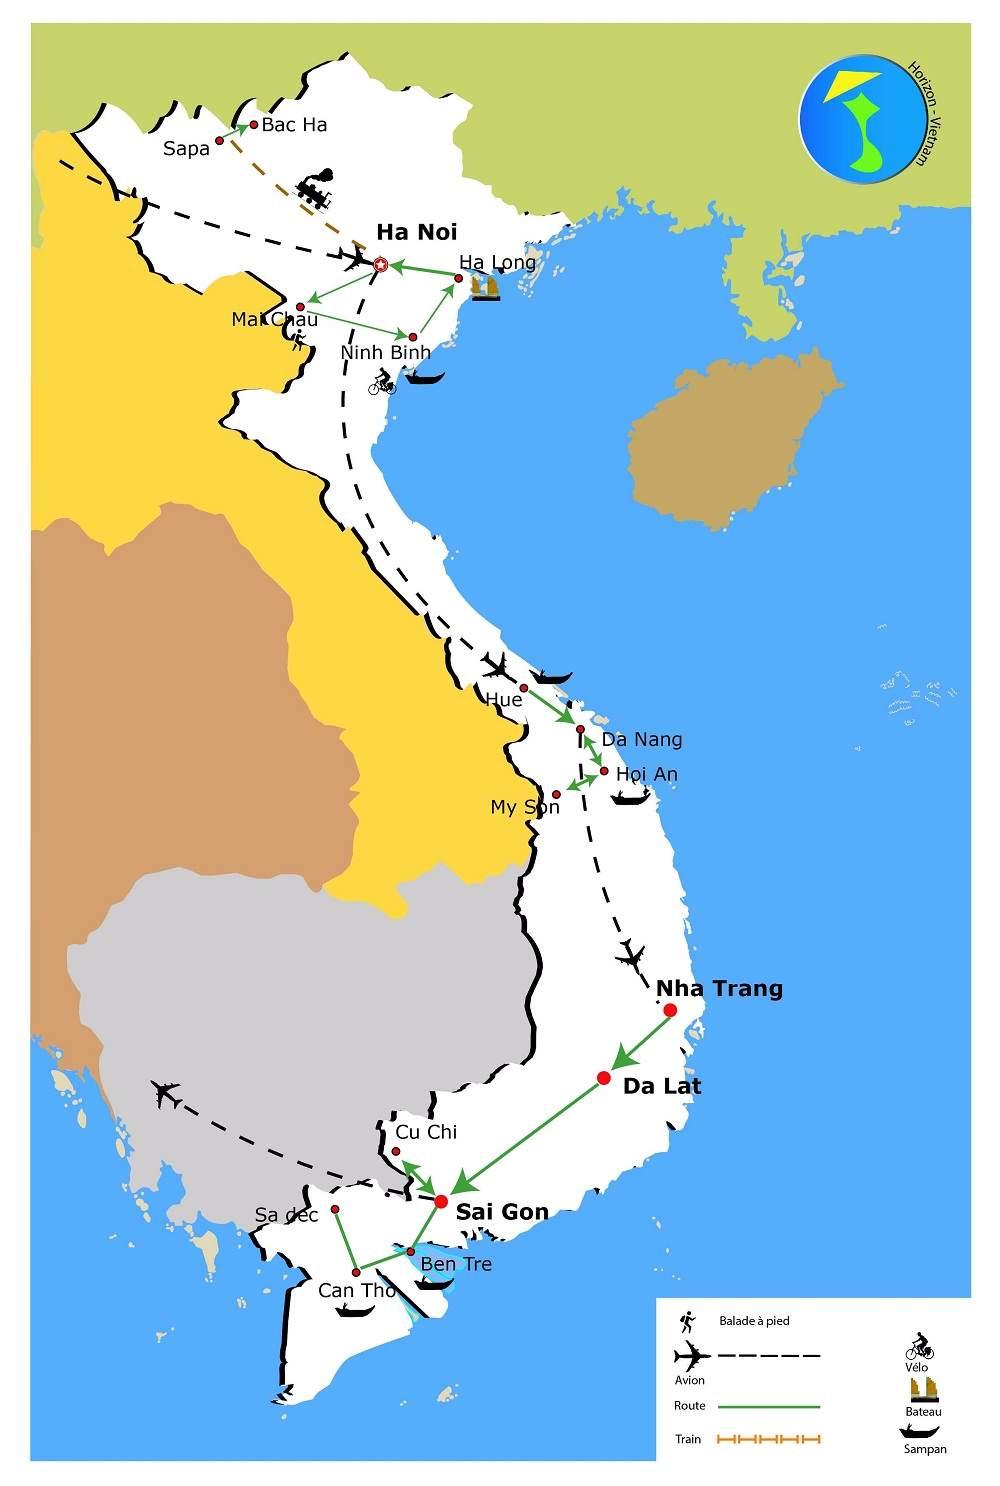 carnet-de-route-circuit-vietnam-nord-sud-3-semaines